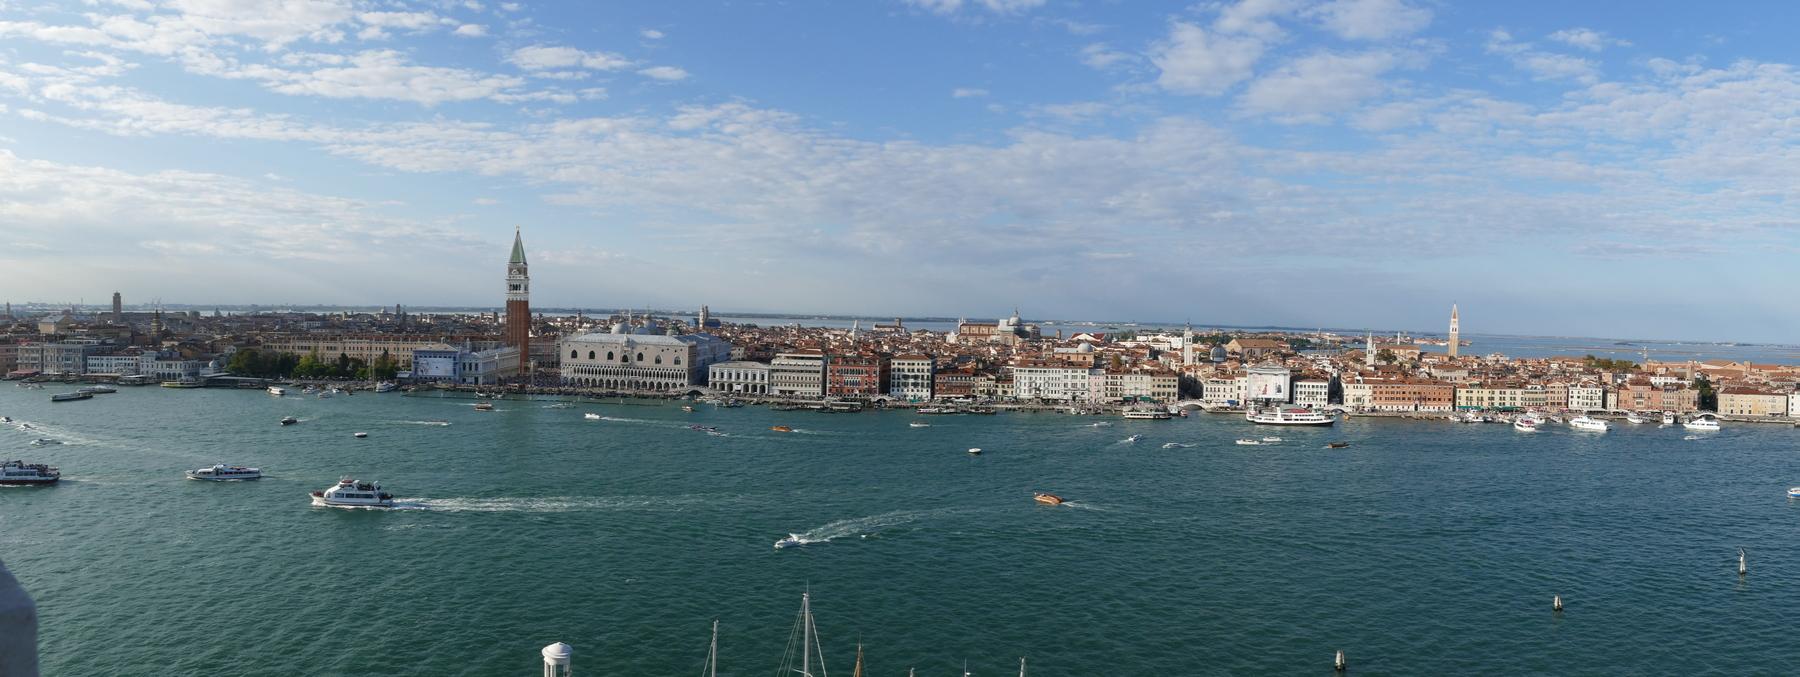 Venedig_Panorama